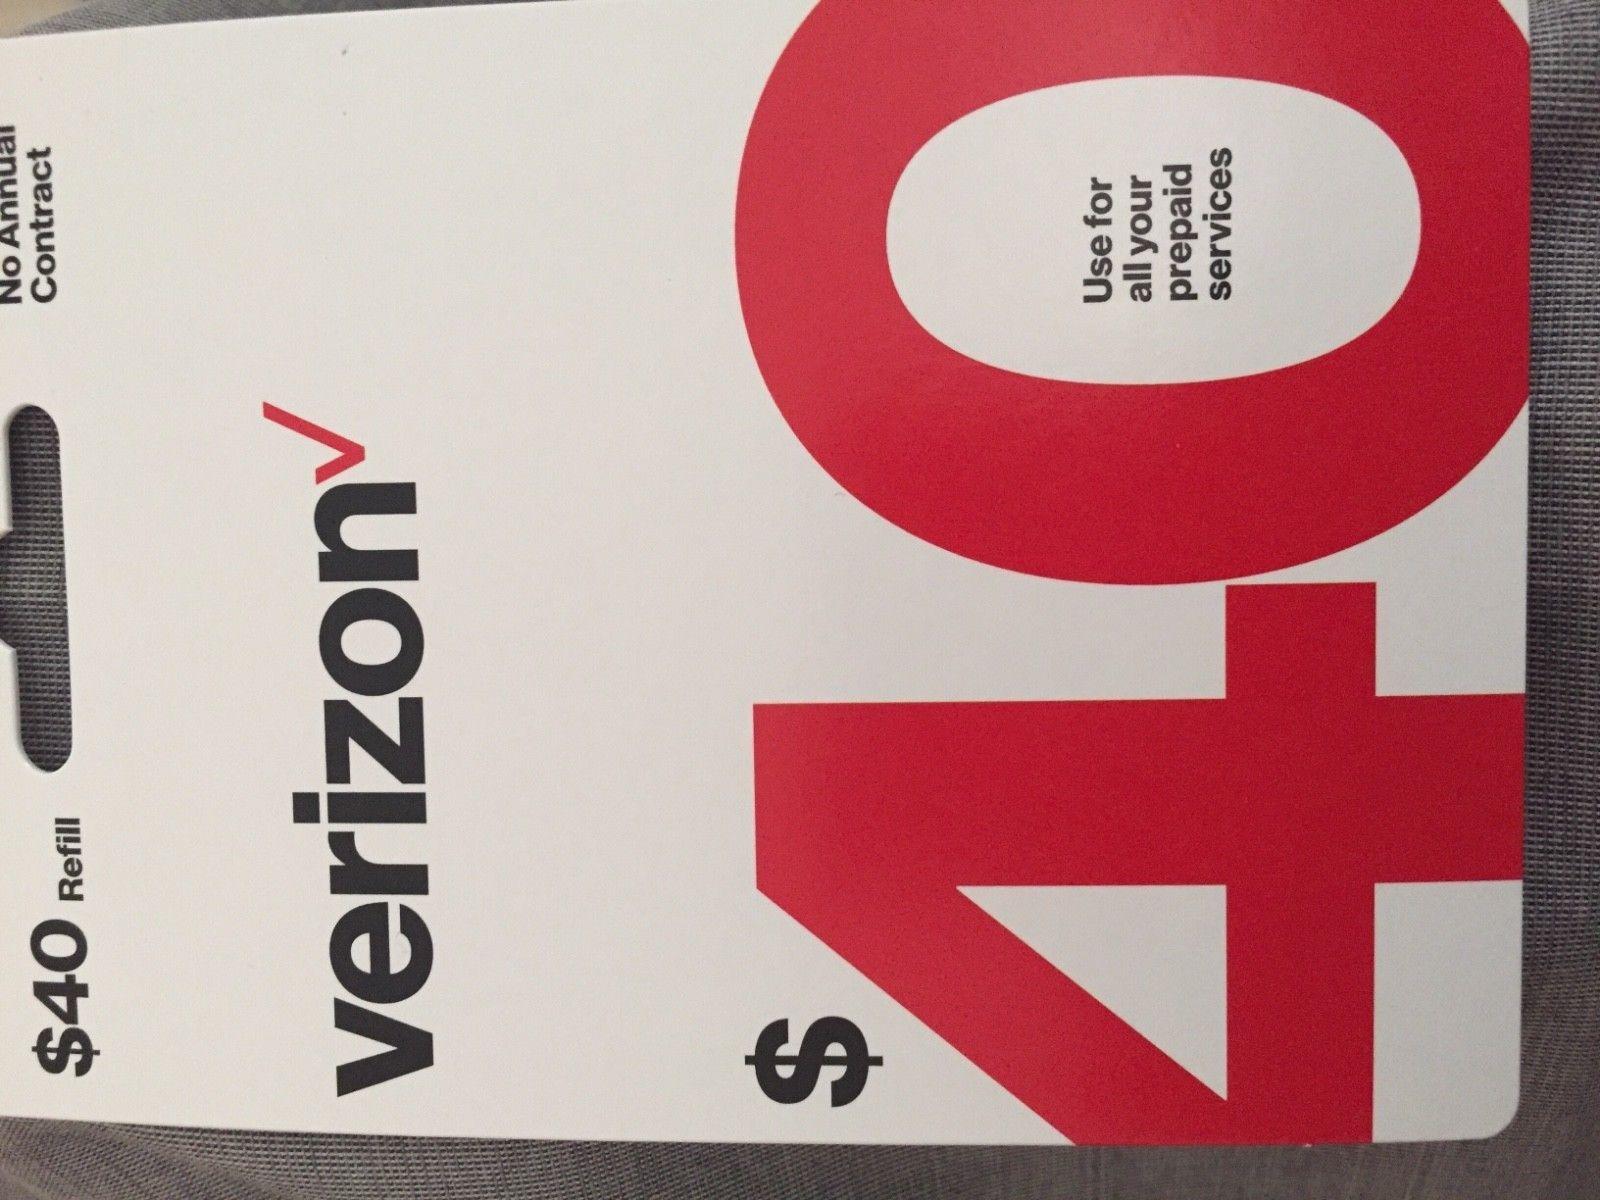 Phone and Data Cards 43308 Brand New 40 Verizon Wireless